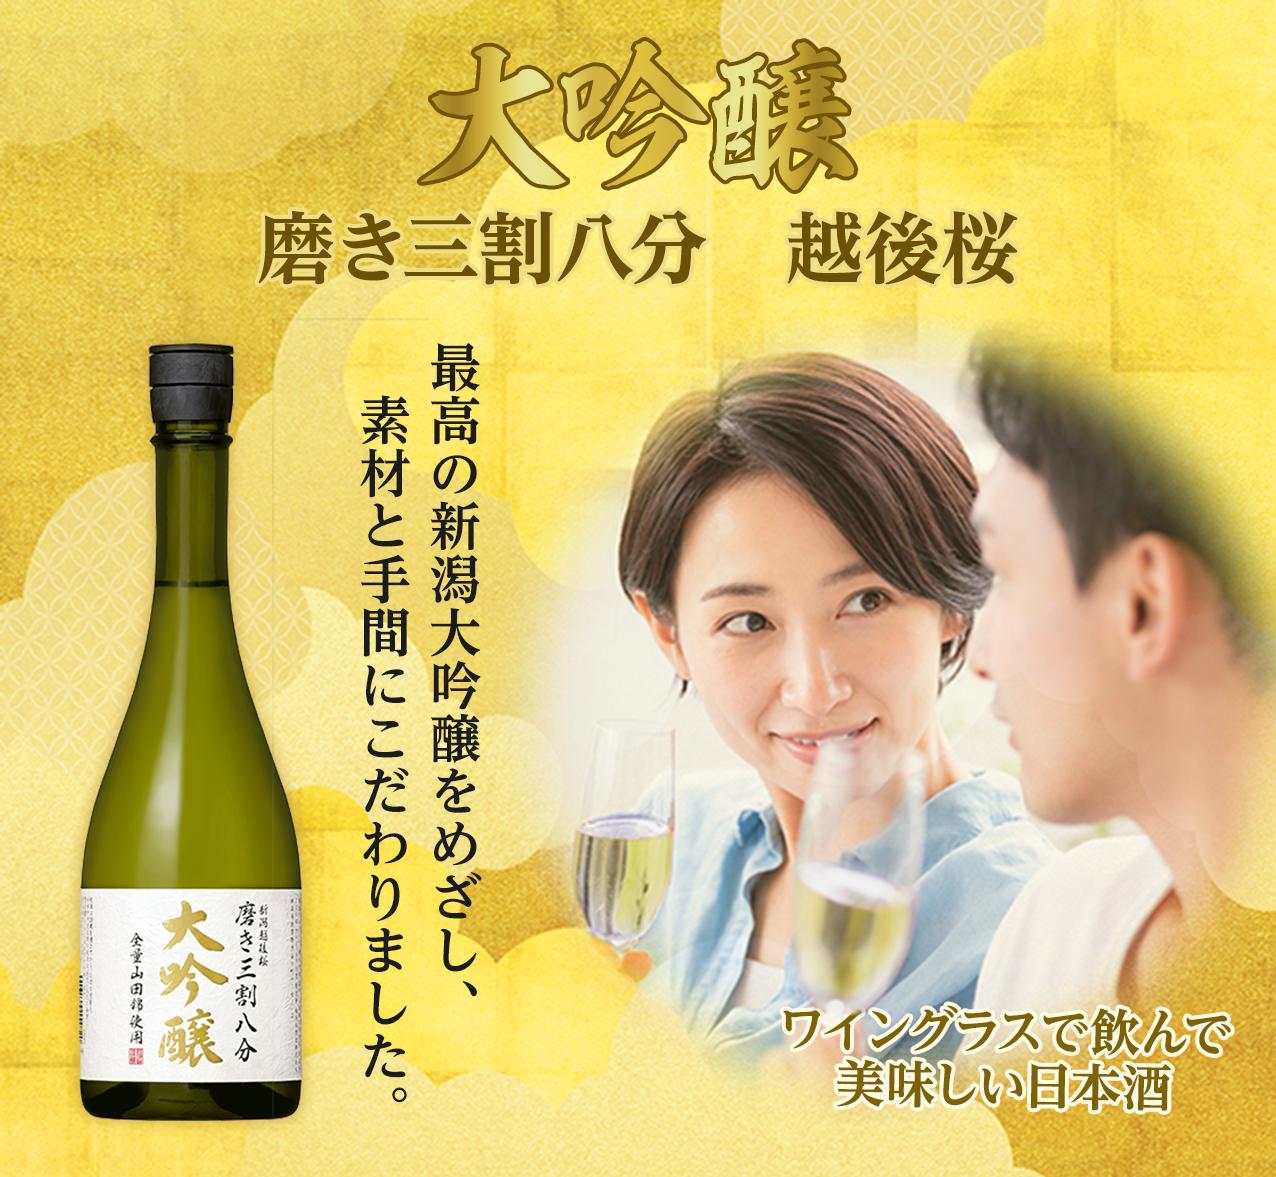 大吟醸磨き三割八分 越後桜 最高の新潟大吟醸をめざし、素材と手間にこだわりました。ワイングラスで飲んで美味しい日本酒